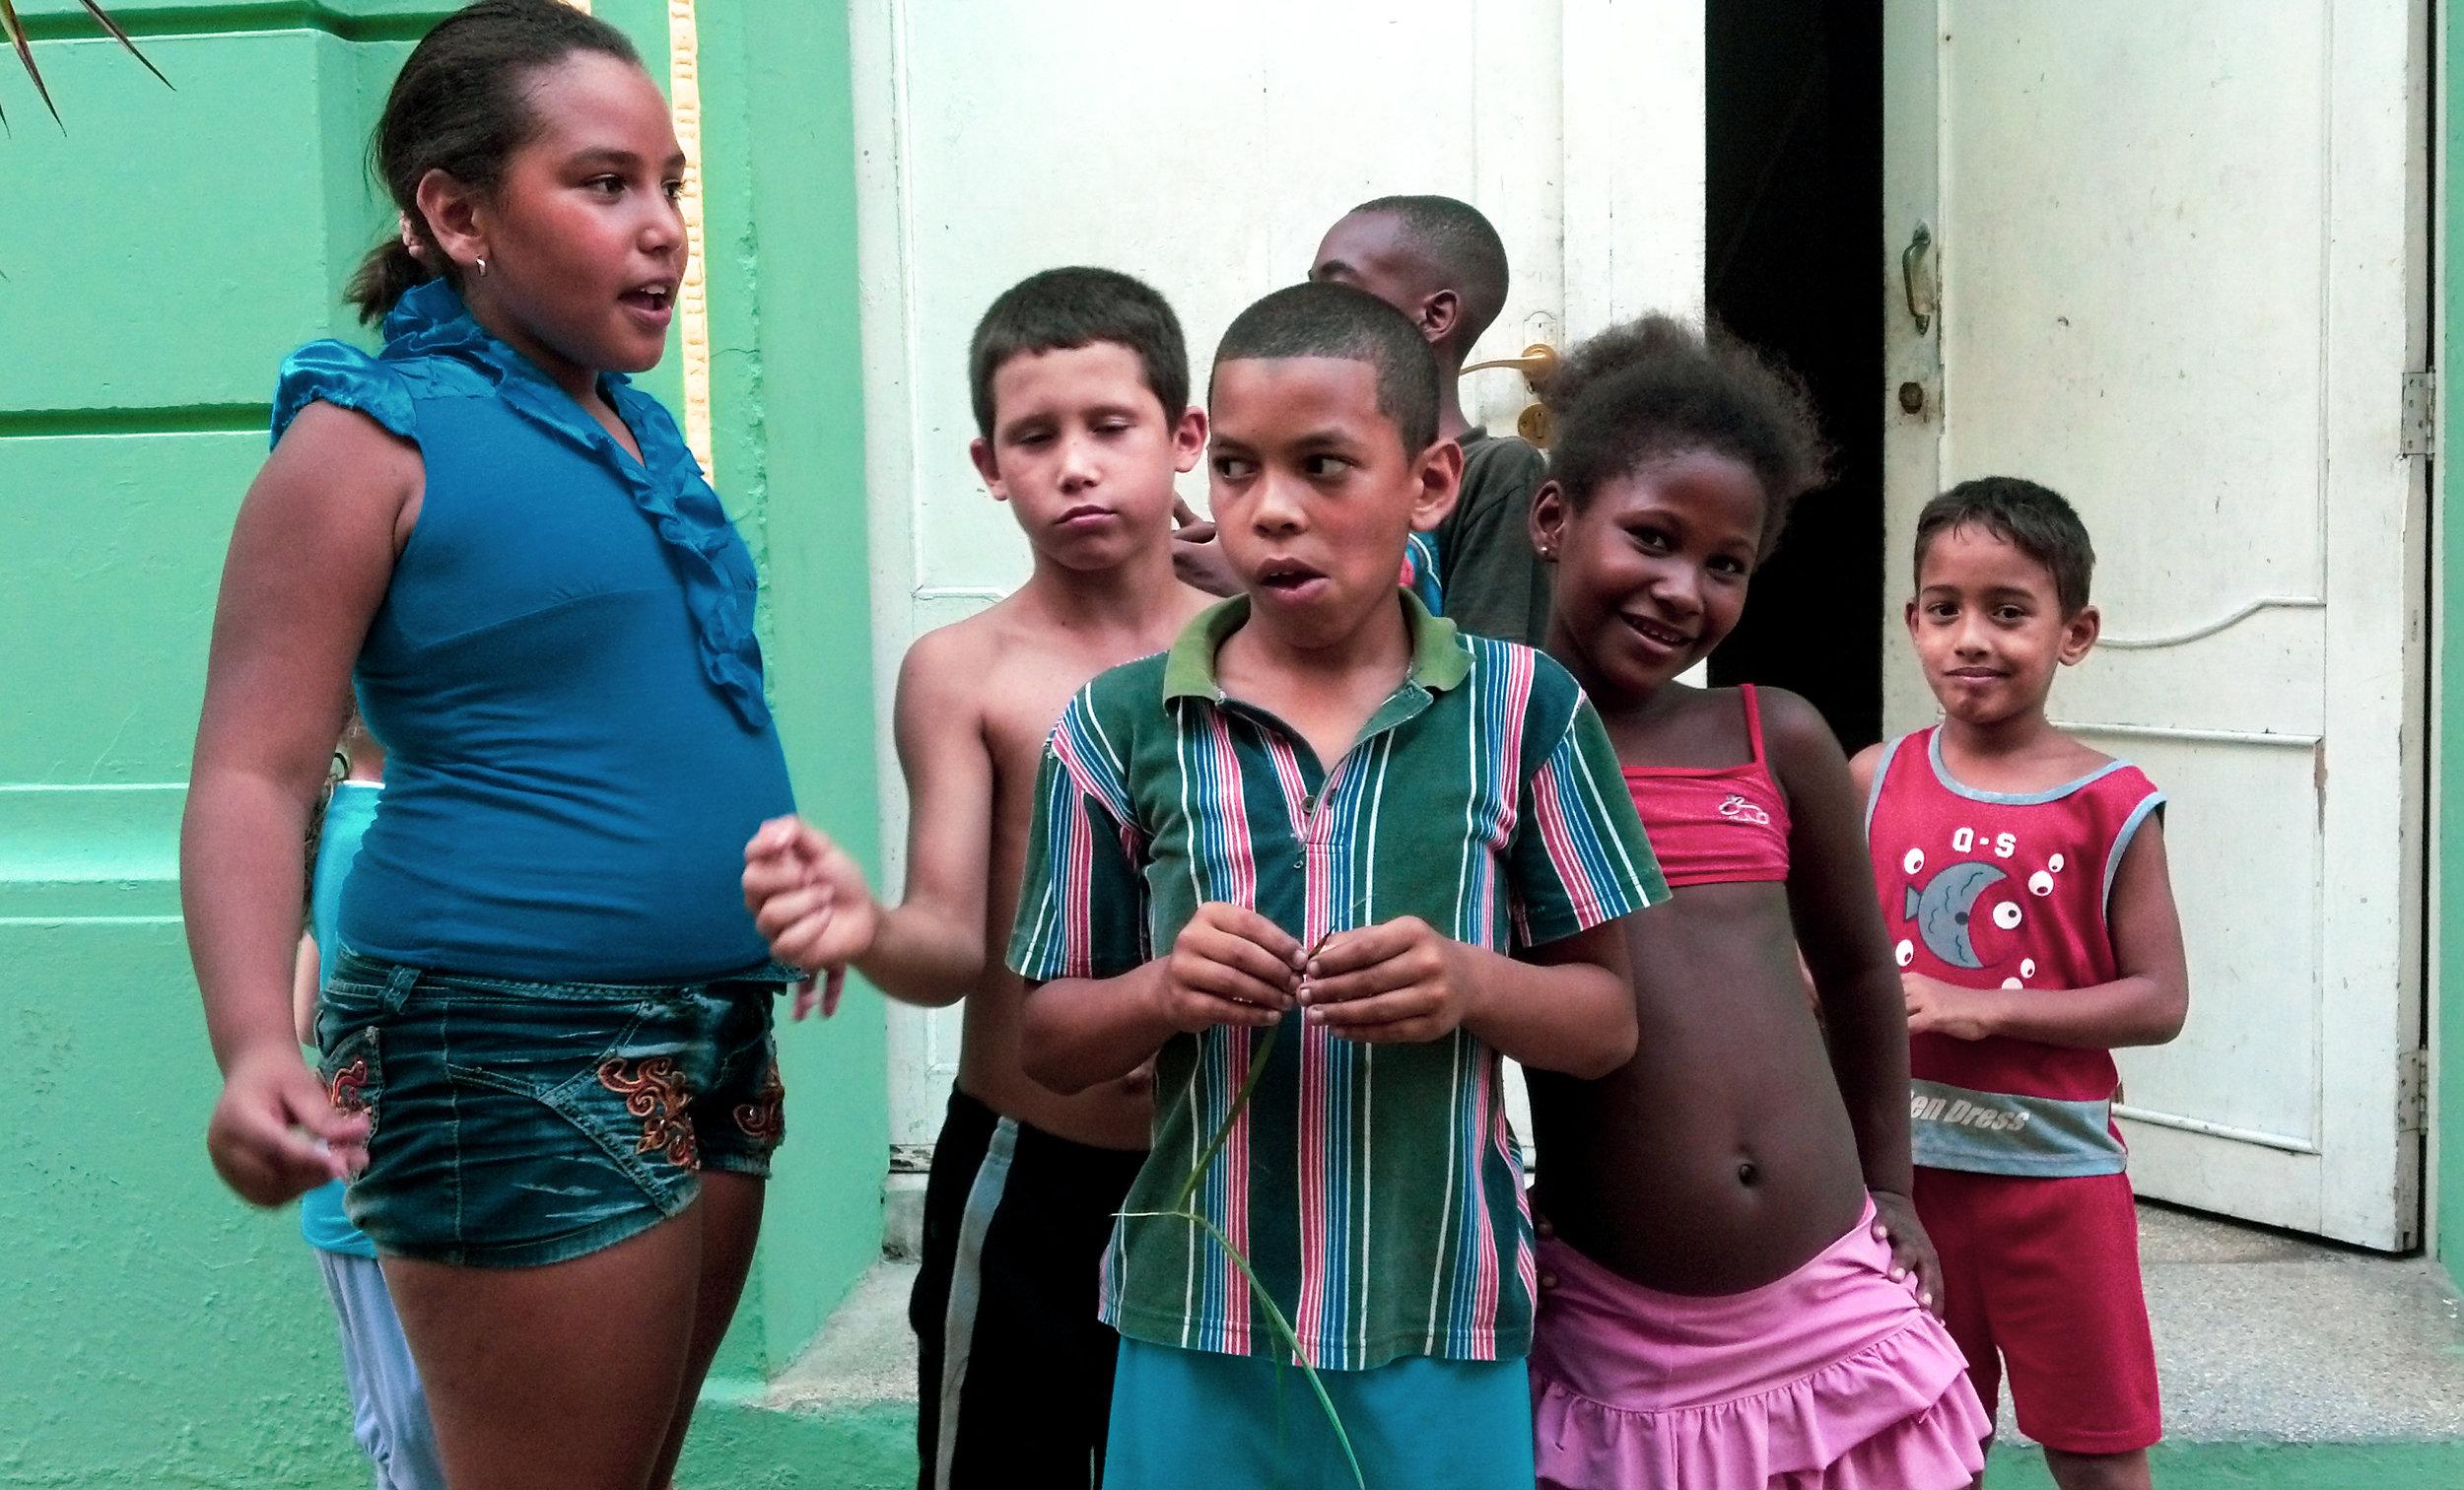 Kids_2012-04-06_18-17-06_70.jpg